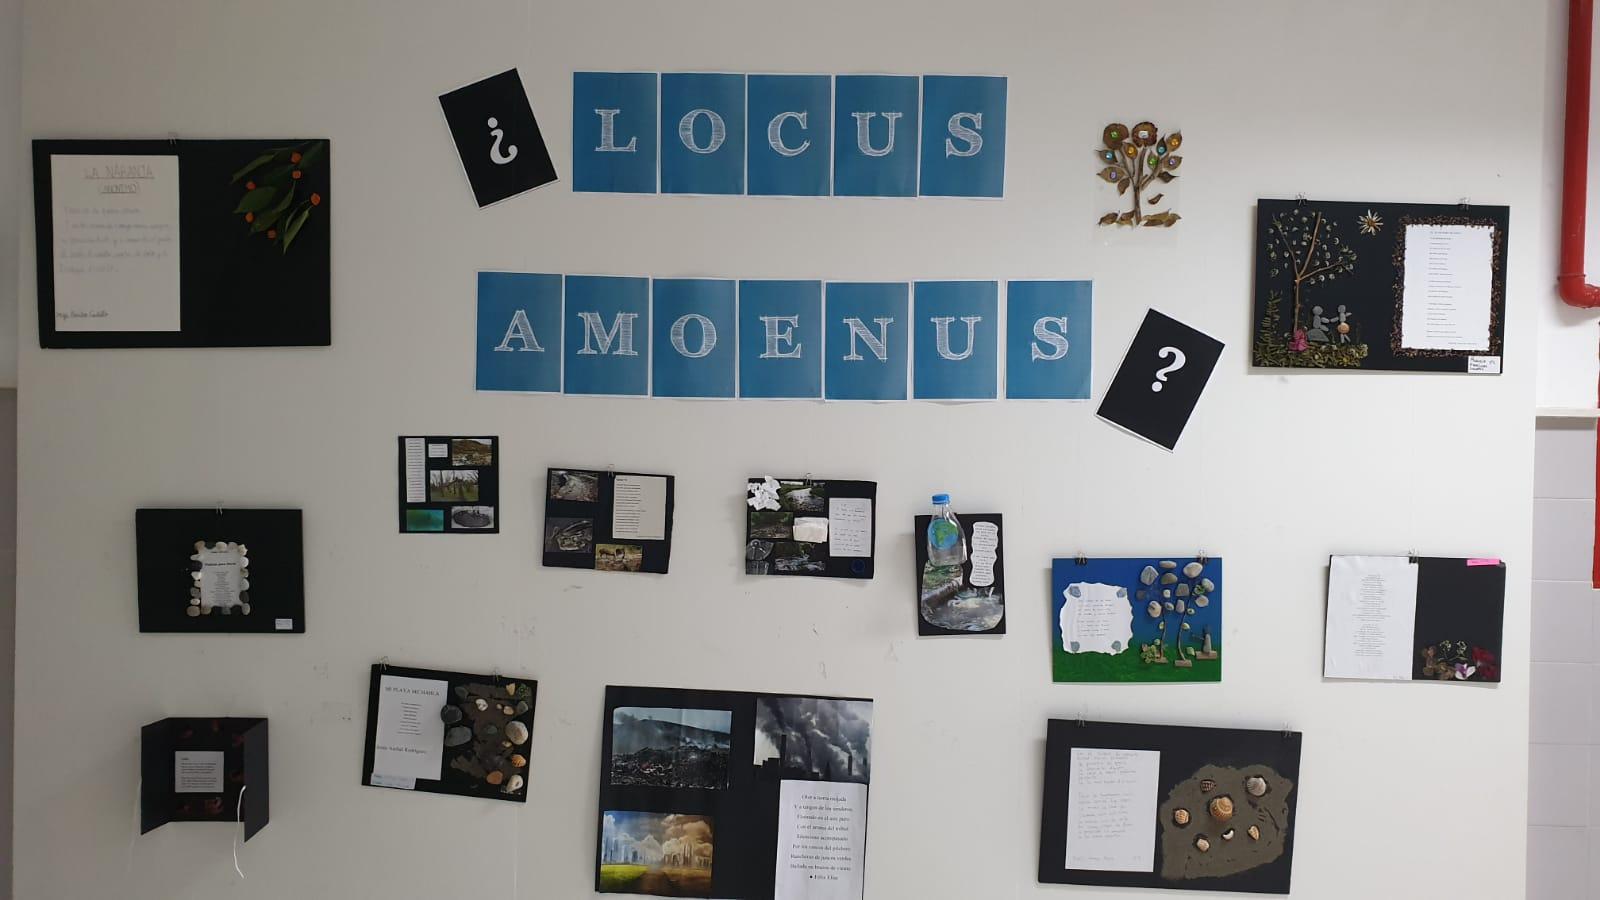 Imagen de la noticia: Exposición Locus amoenus en el hall del IES Monterroso